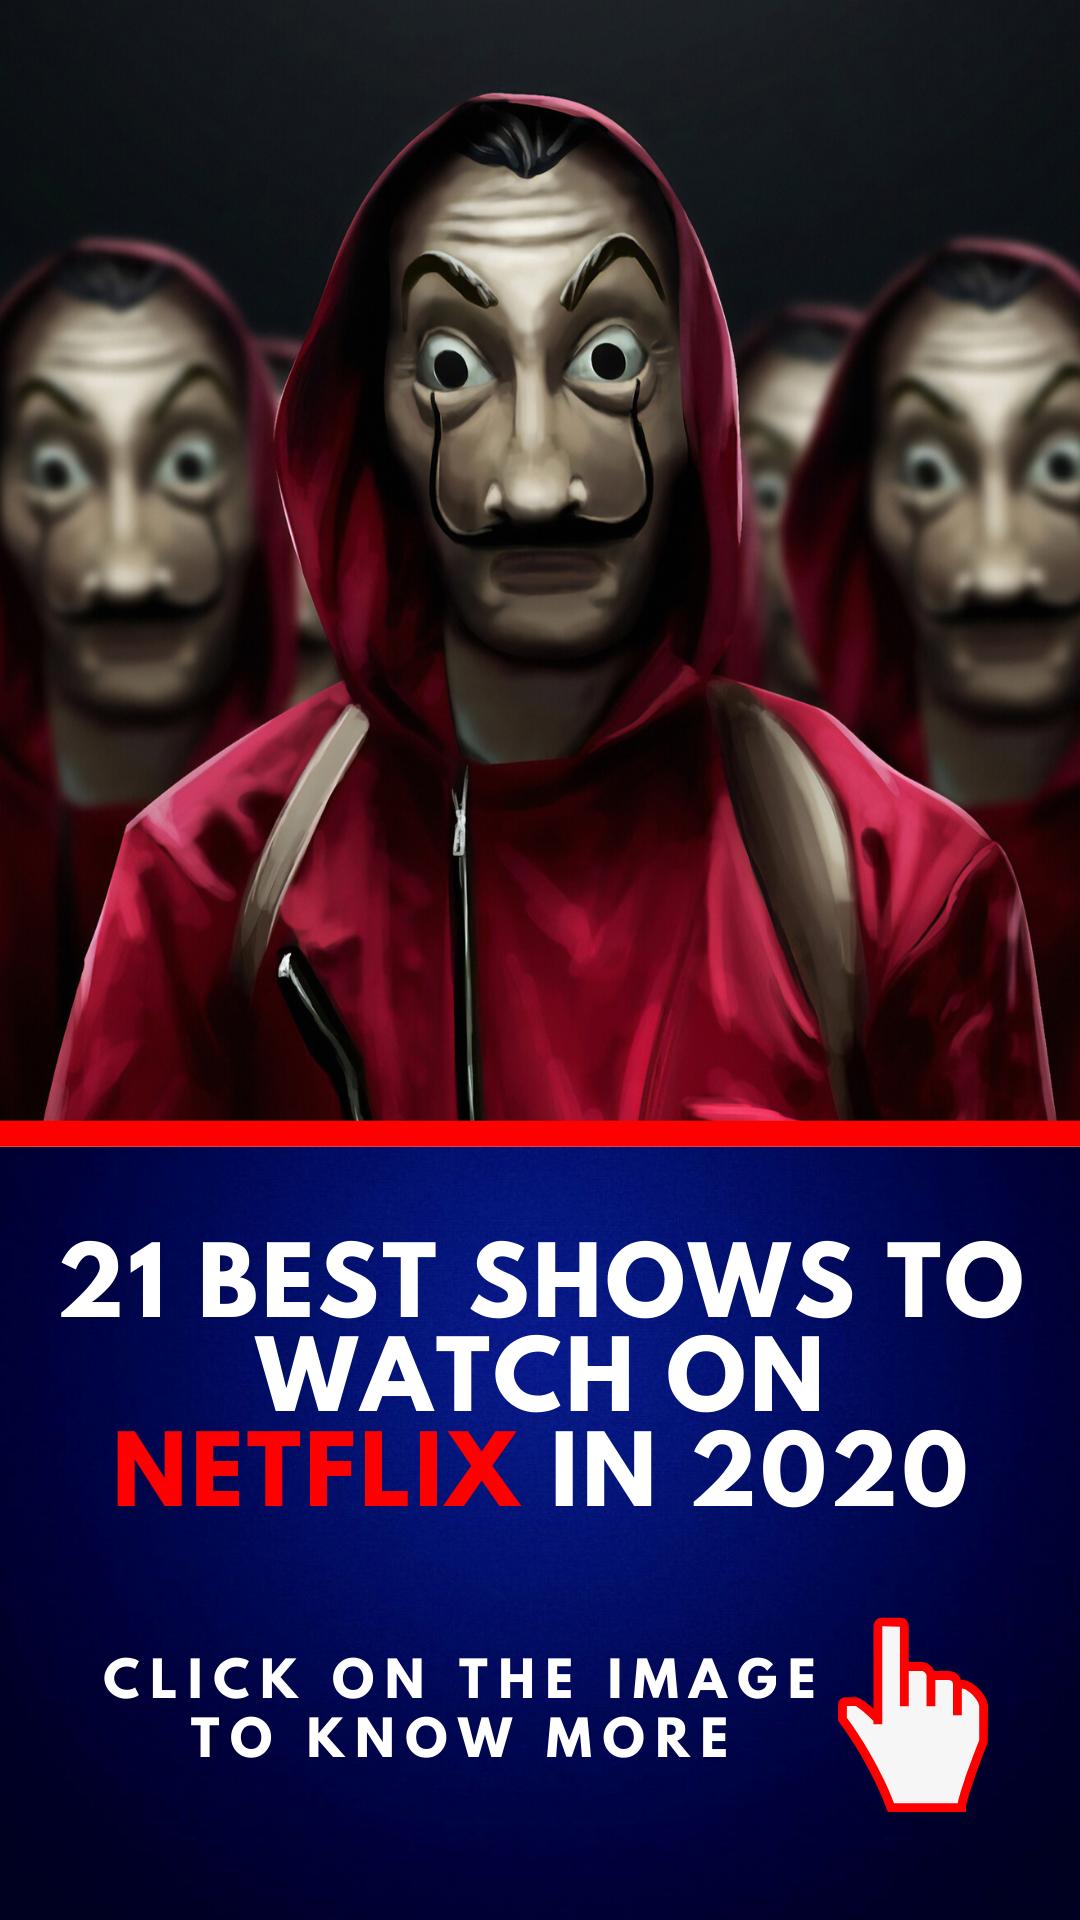 21 Best Shows to Watch on Netflix in 2020 in 2020 Best